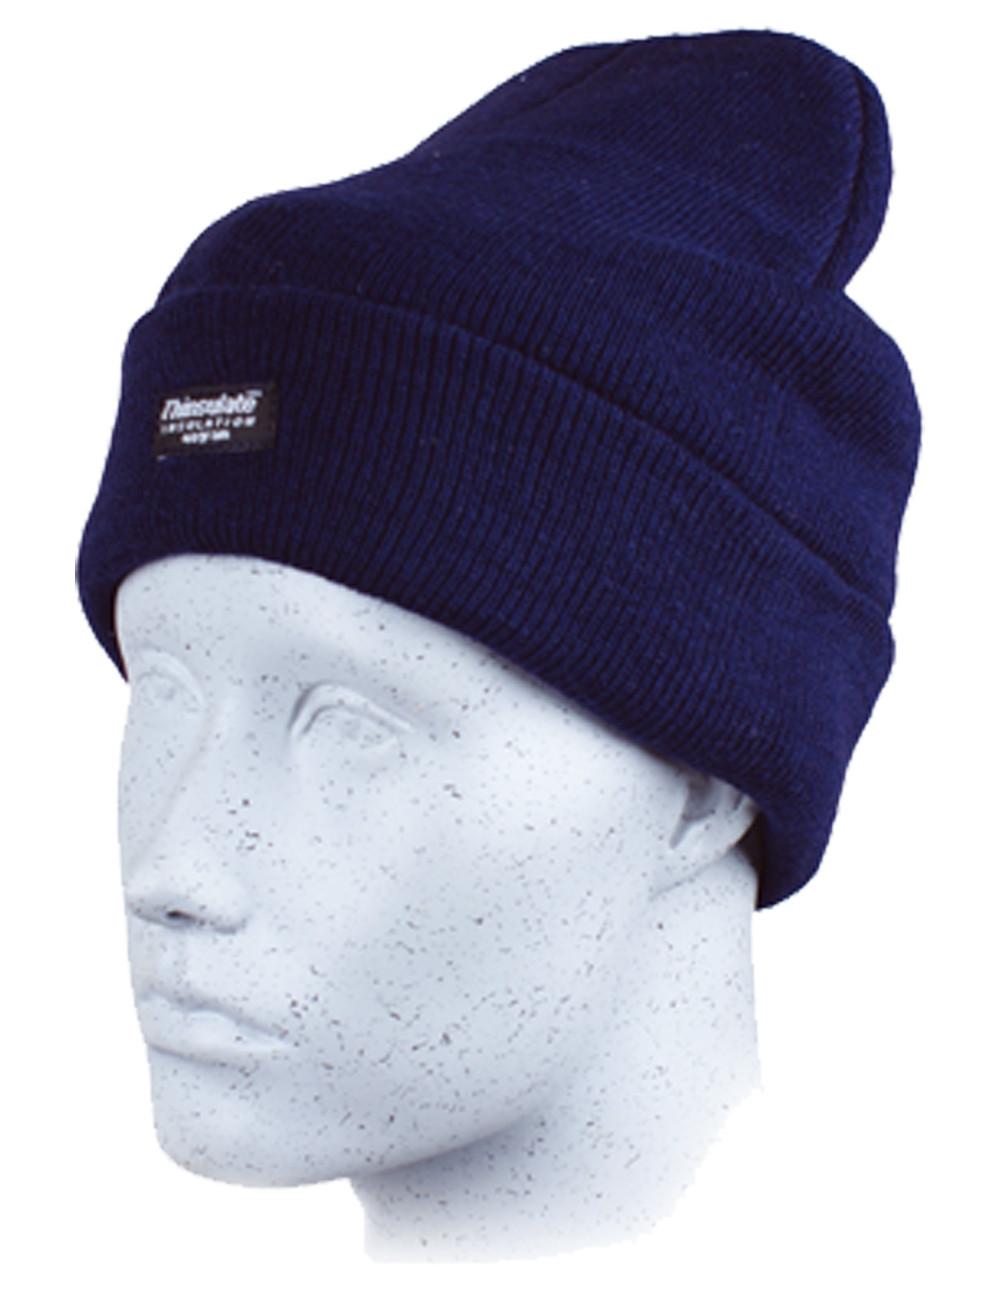 Czapka Hat do chłodni lub mroźni z dzianiny Thinsulate od Goldfreeze.